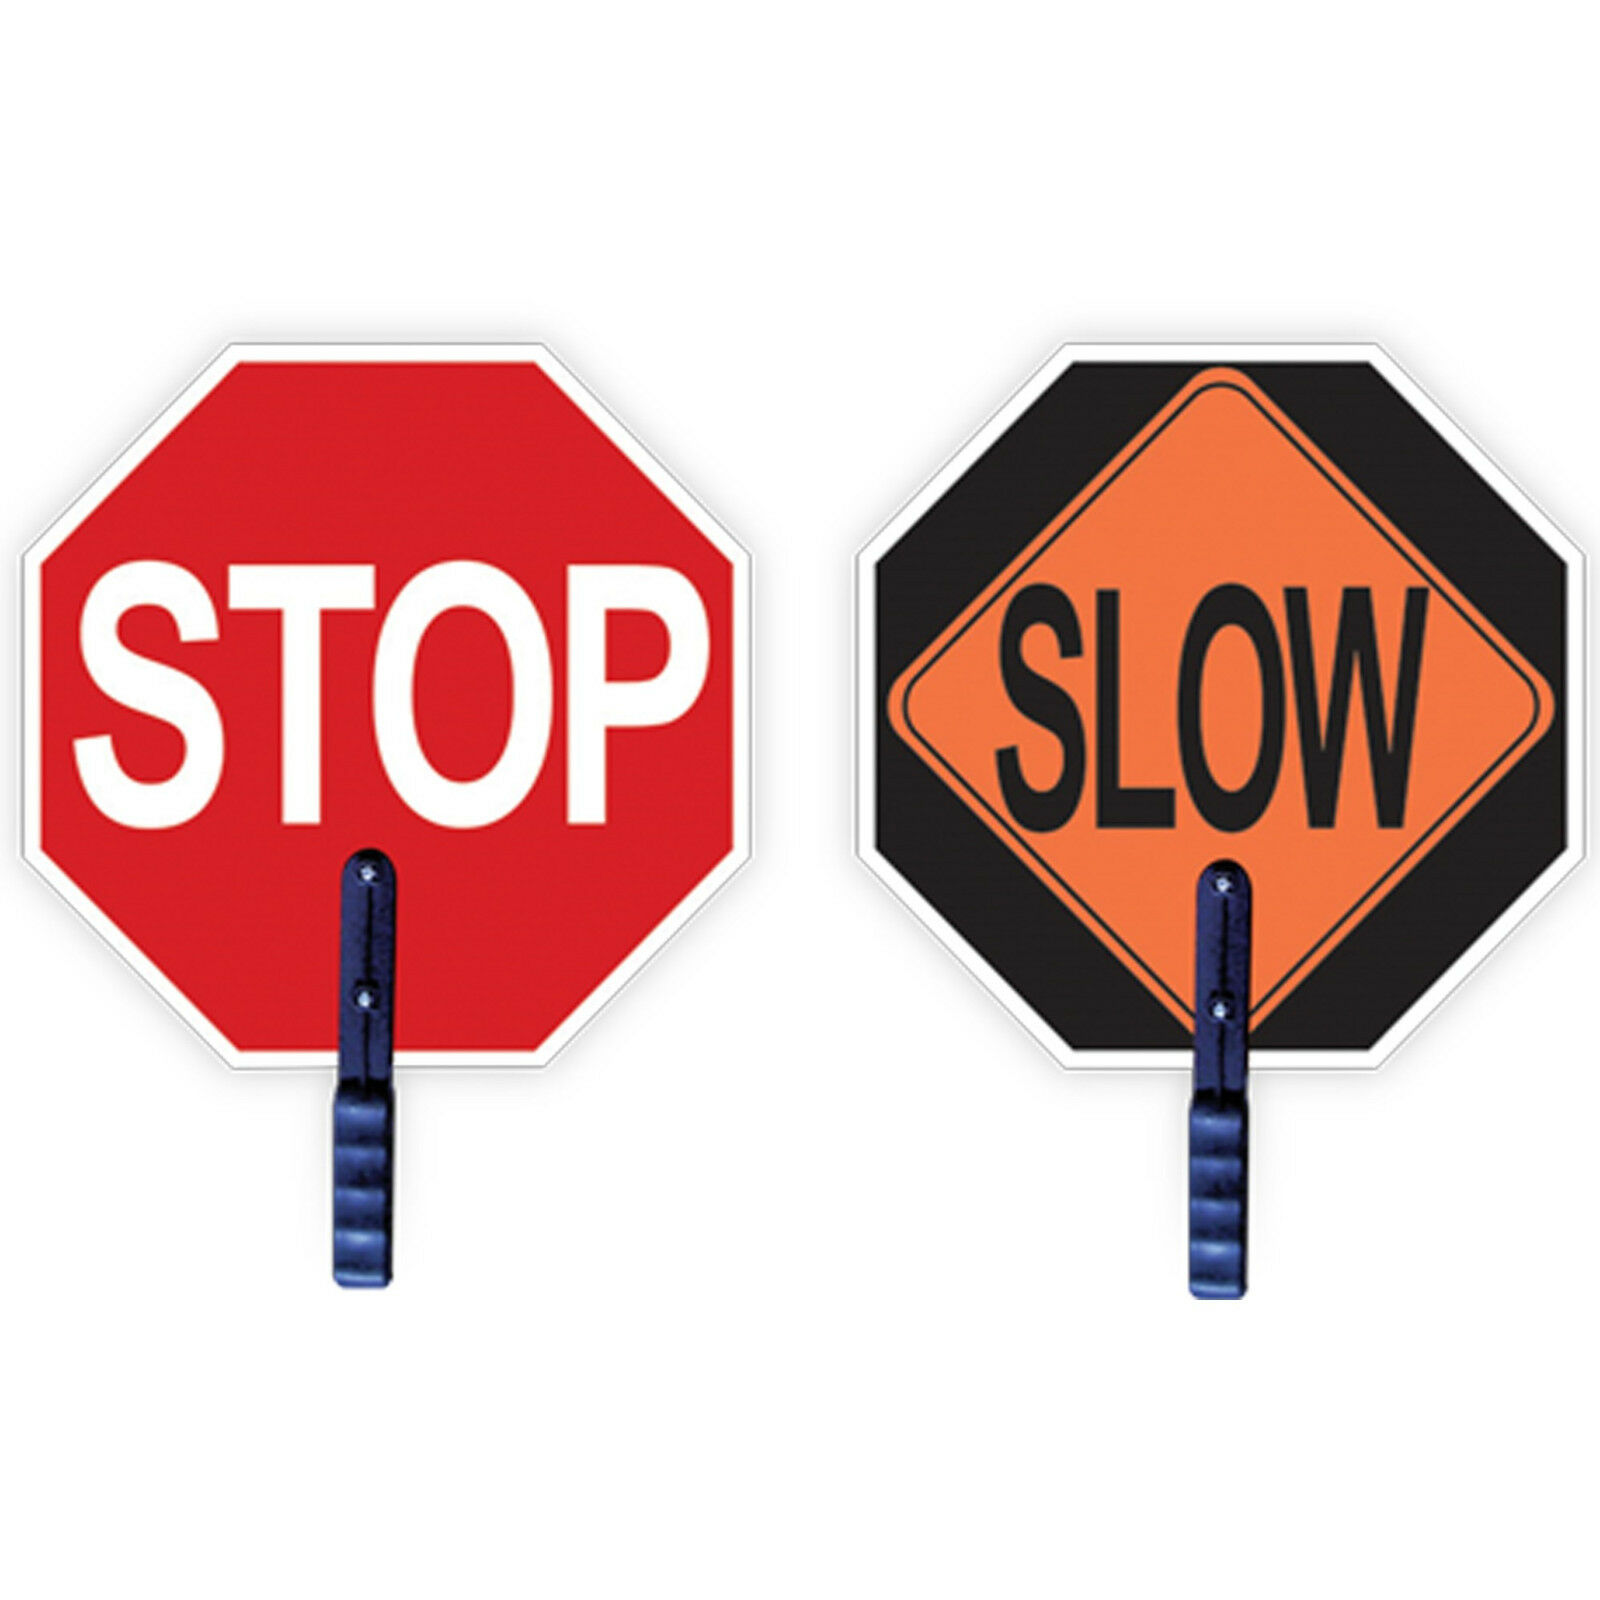 Paquete De 10-Hand Held Stop   lenta signo 18 pulgadas de diámetro construir centros educativos de seguridad